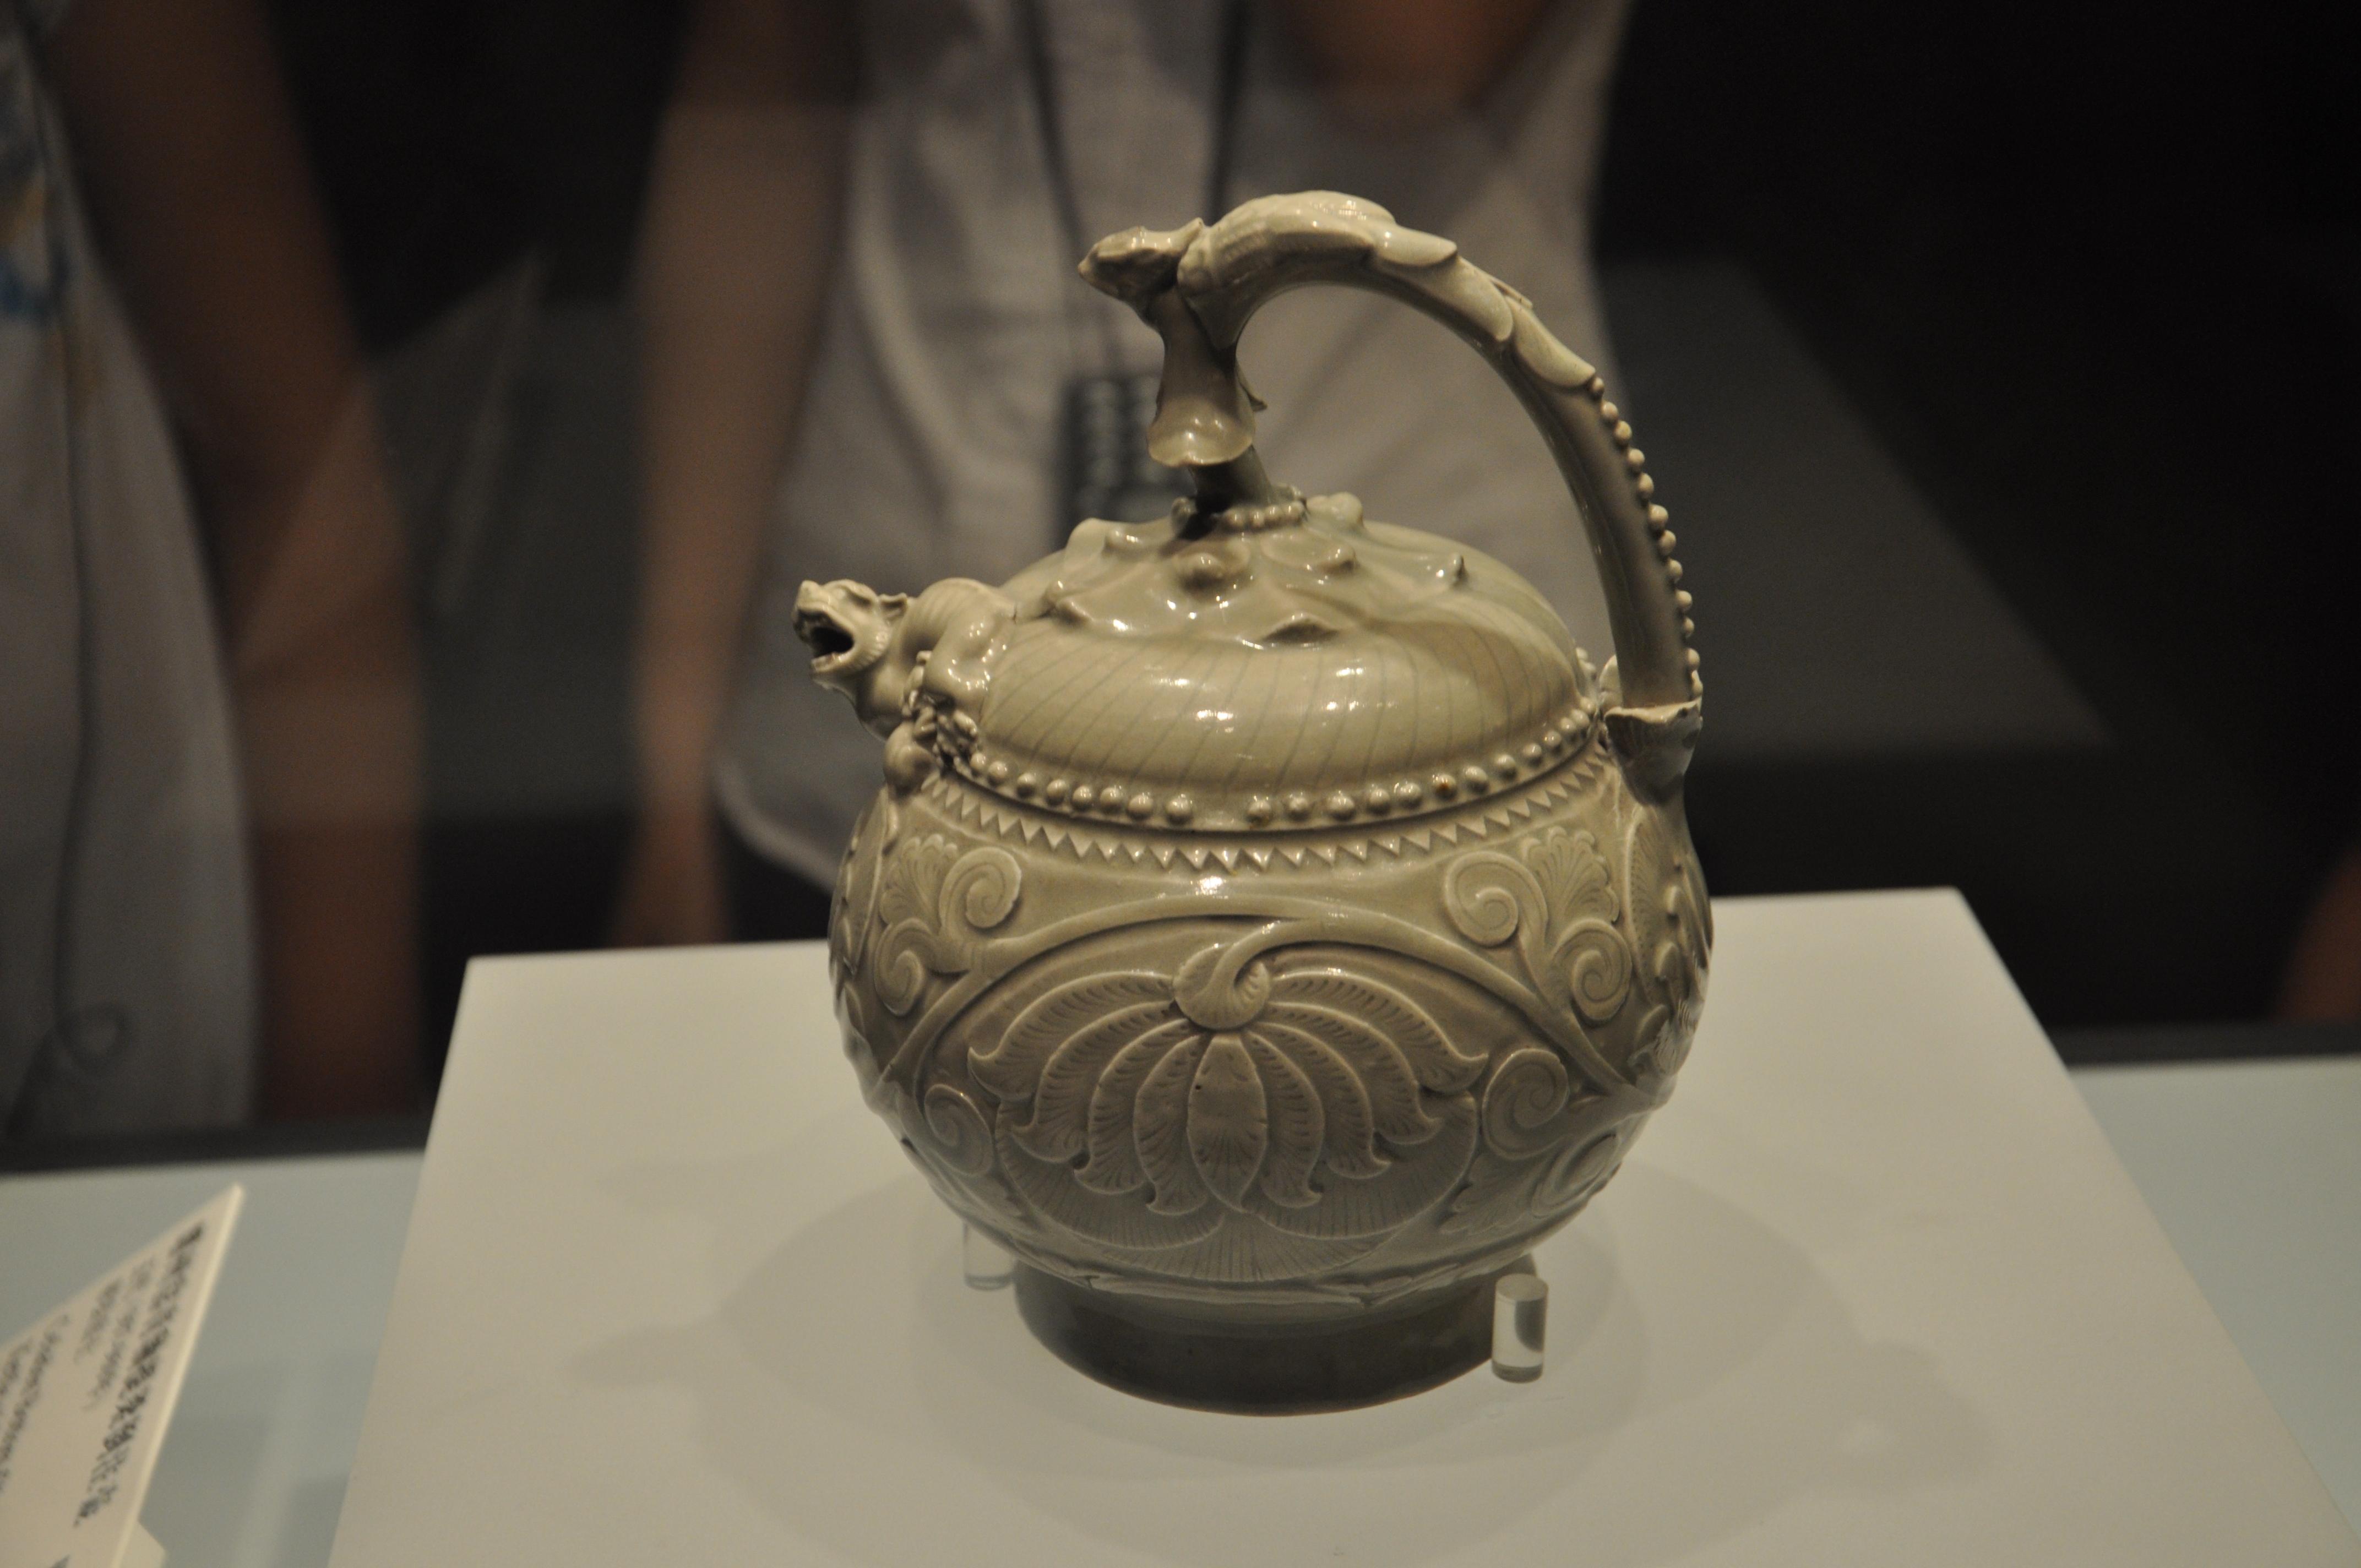 国宝---青瓷刻画提梁倒灌壶